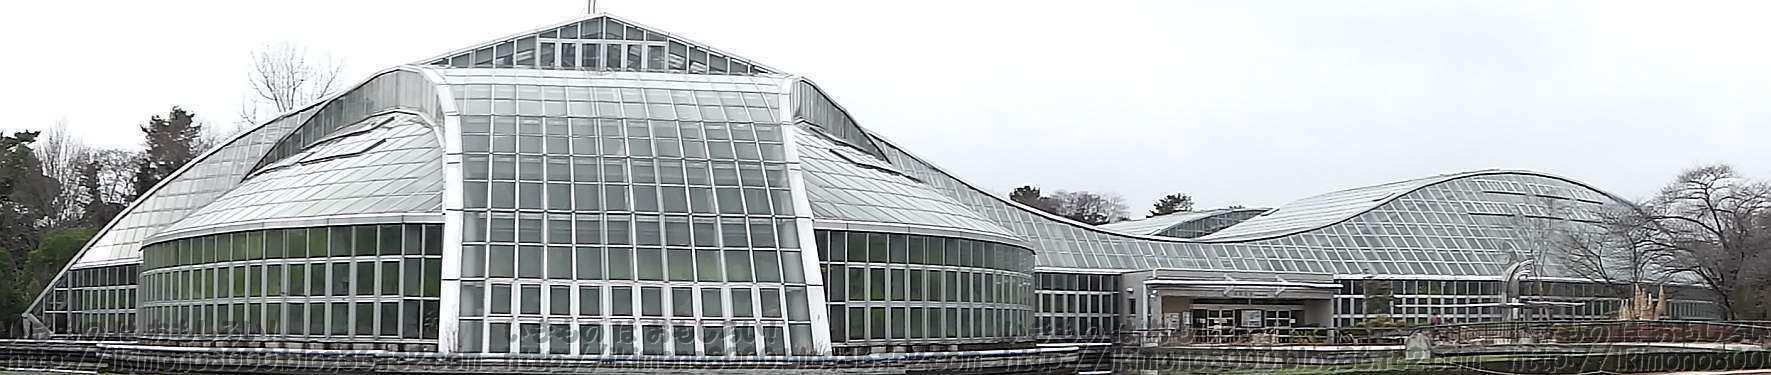 京都府立植物園の観覧温室